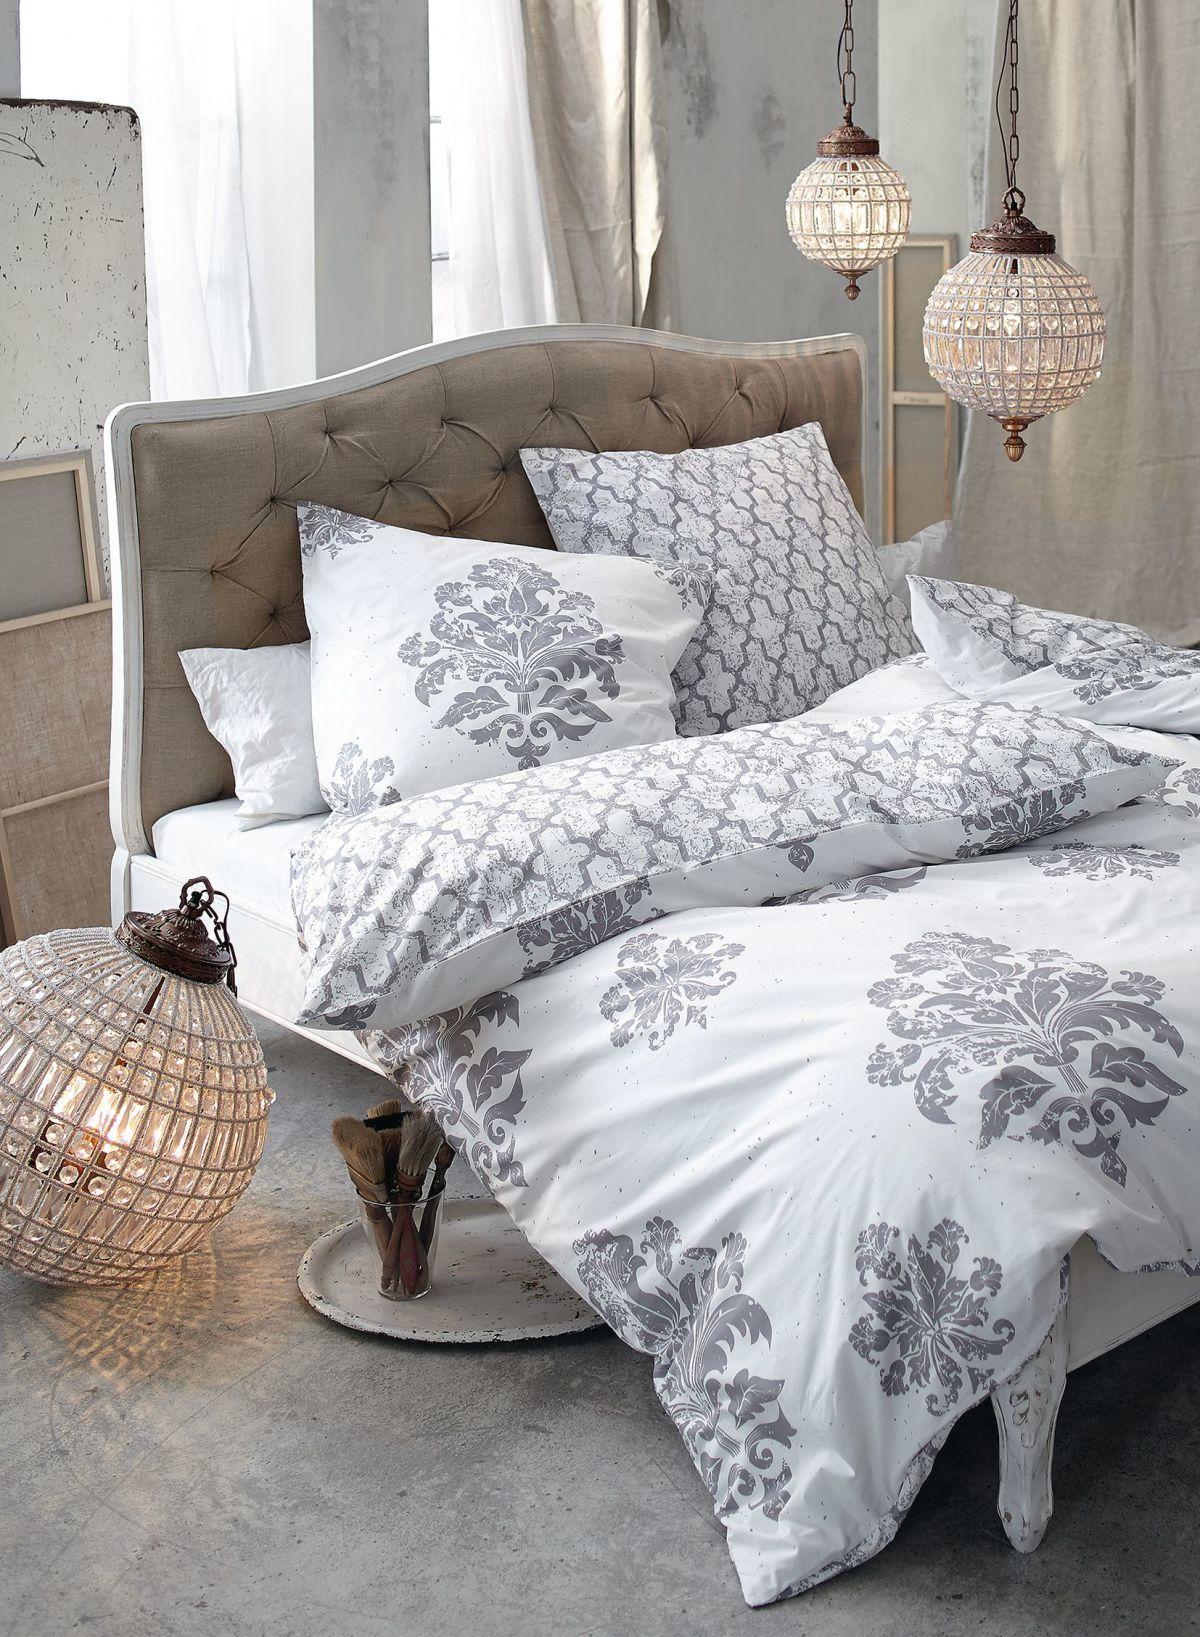 Die Romantisch Arabesken Ornamente Verleihen Dem Gesamten Schlafzimmer  Ästhetik Und Eleganz: Charmante Bettwäsche Mit Reißverschluss, ...